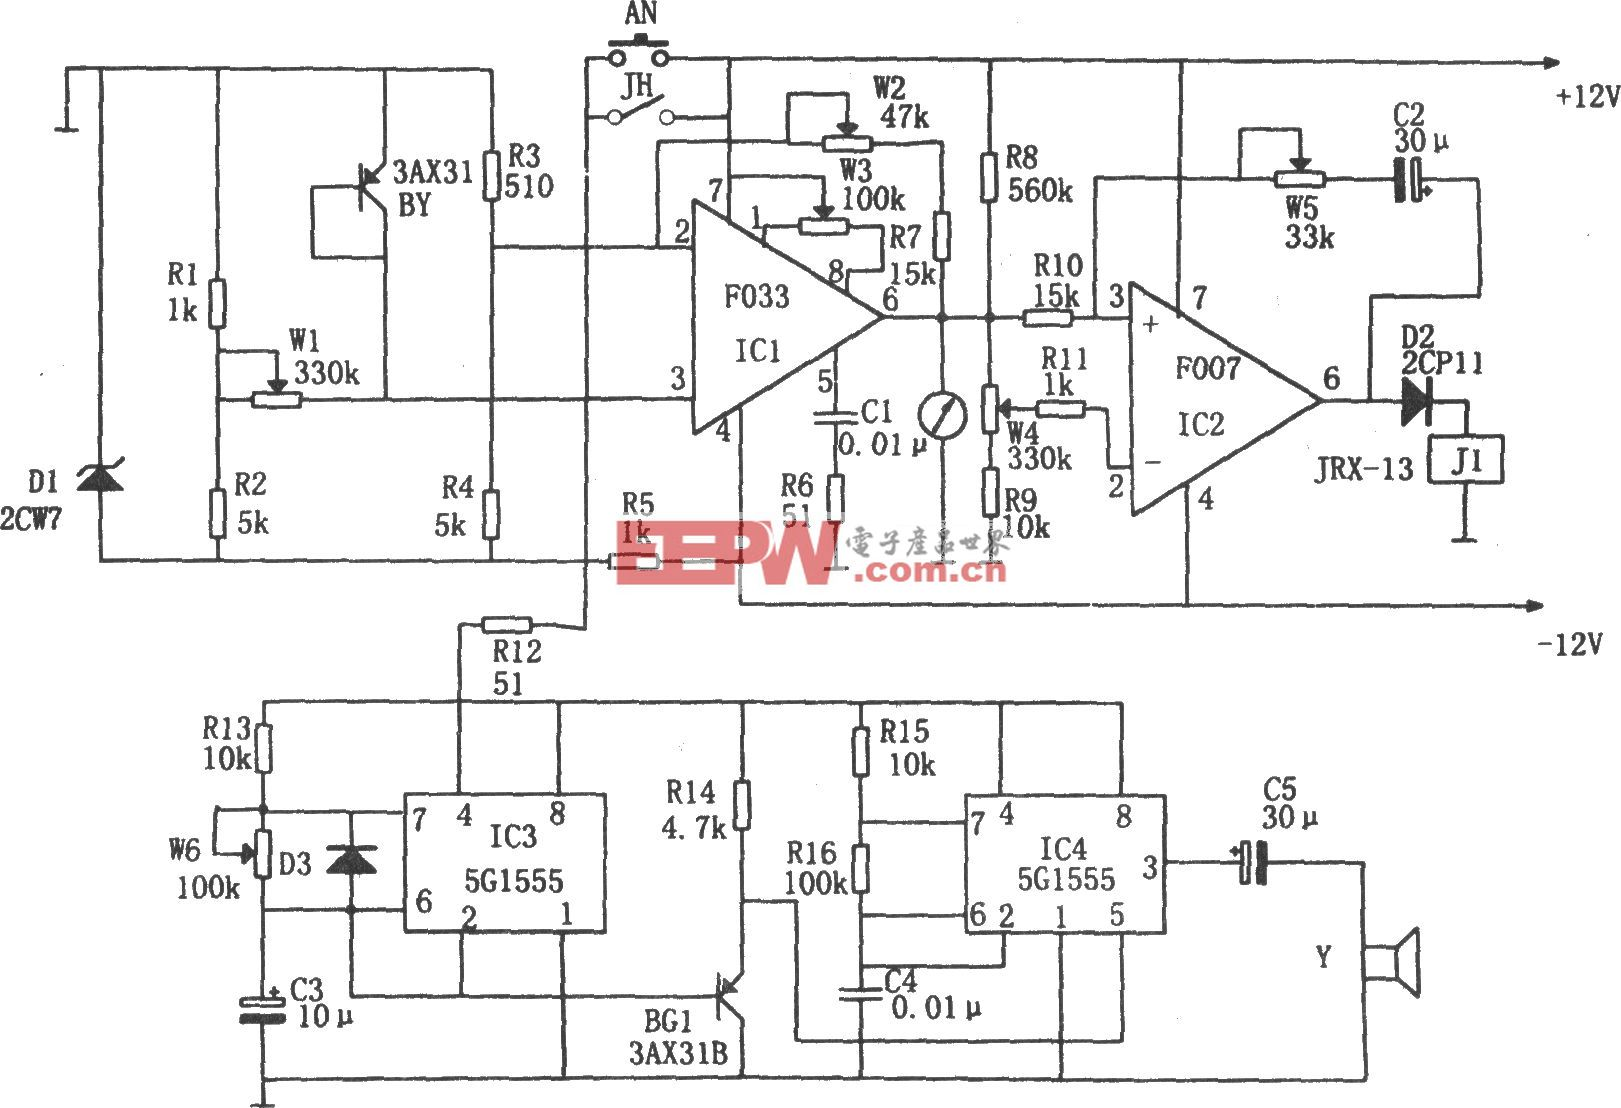 库房温度测量报警器(F007、5G1555、F033)